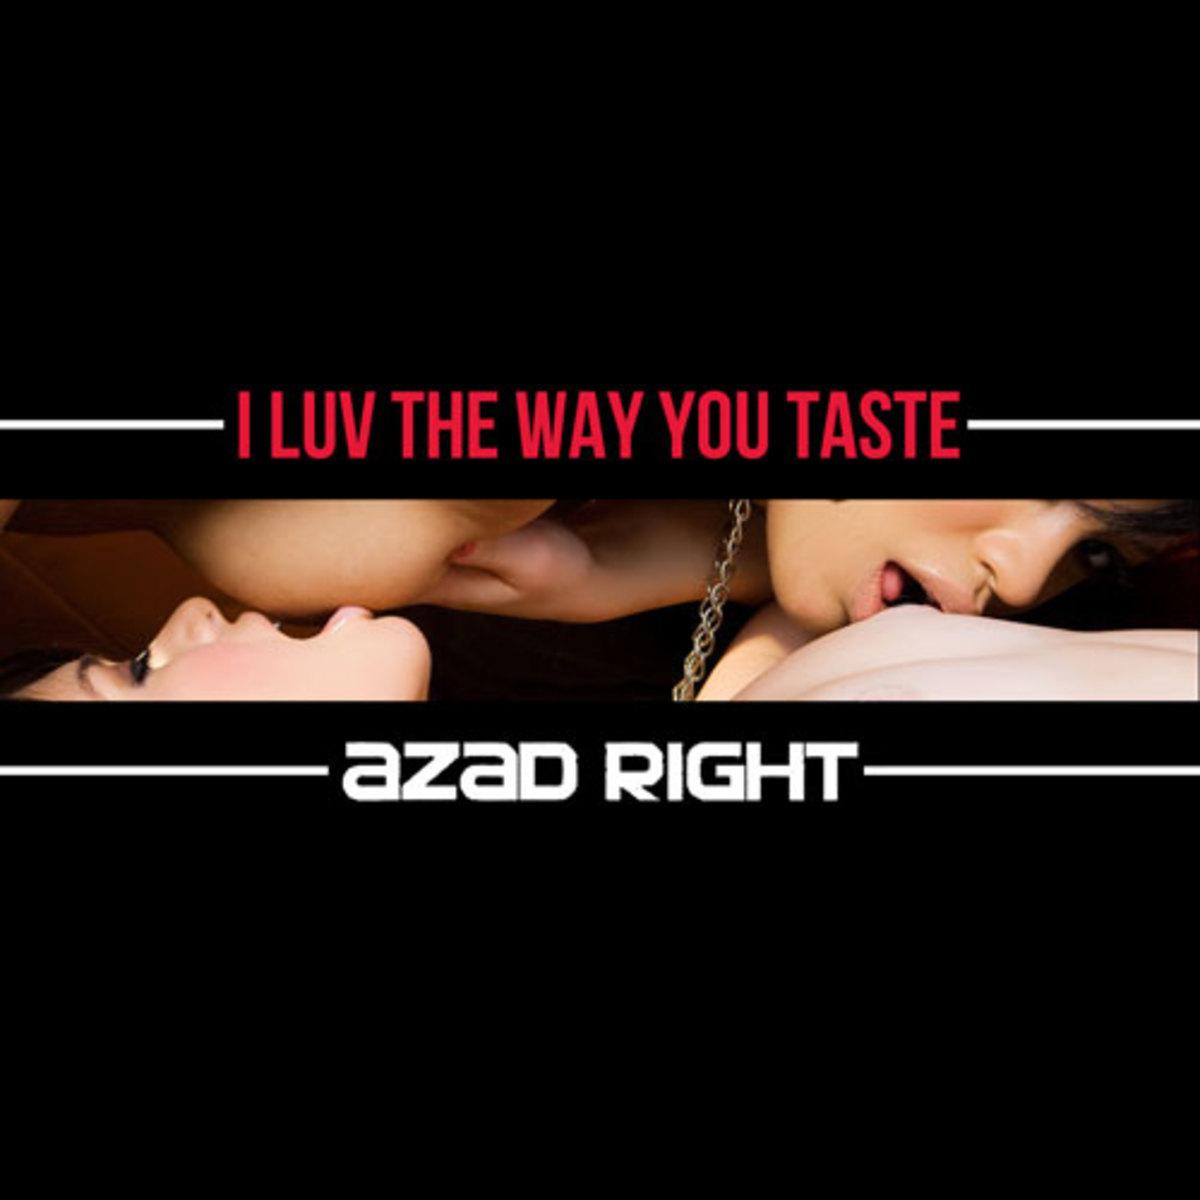 azadright-luvyouway.jpg